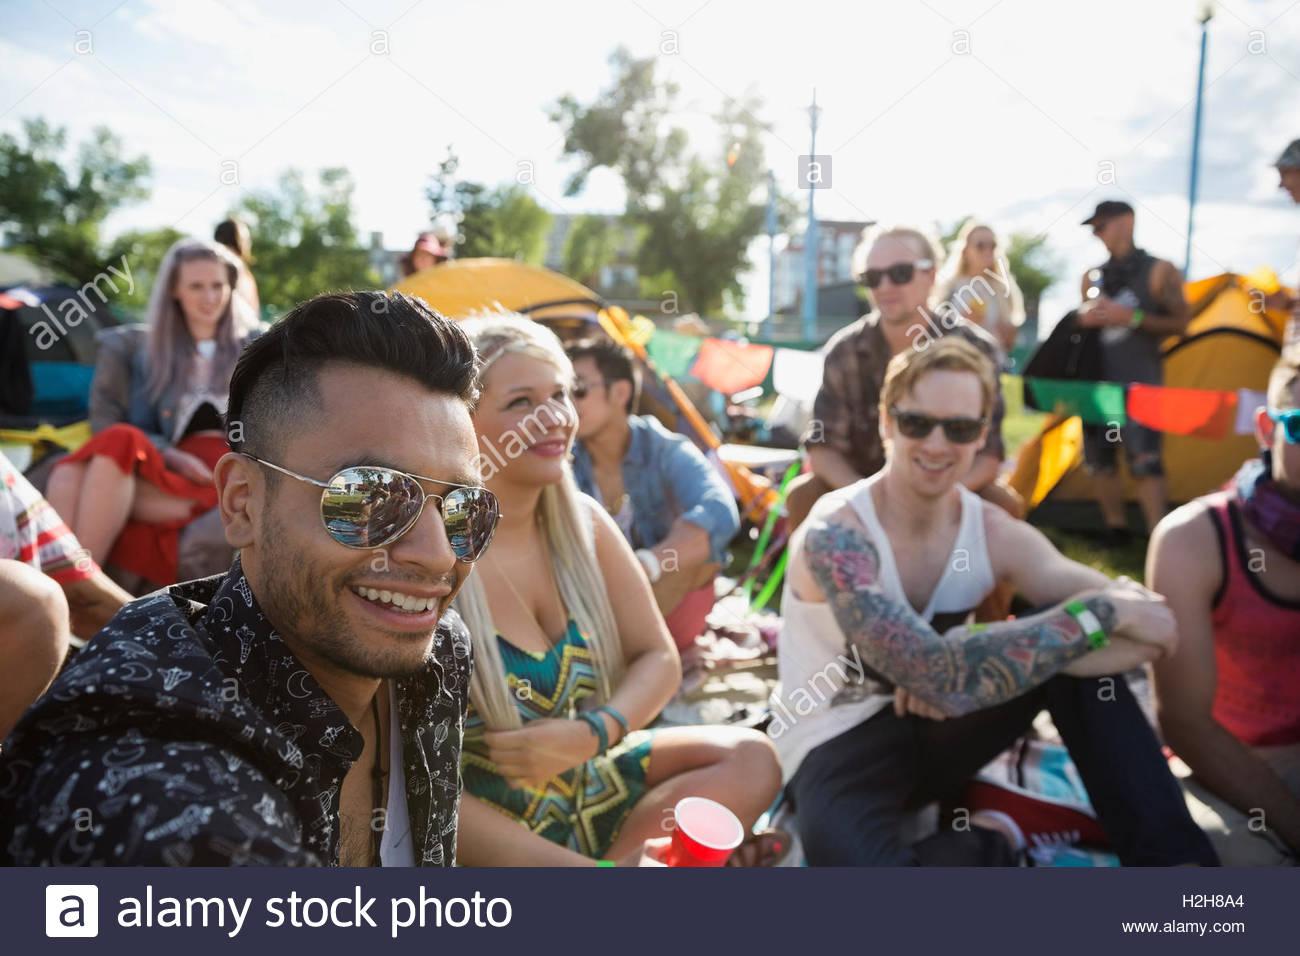 Retrato seguros jóvenes disfrutando del festival de música de verano Imagen De Stock